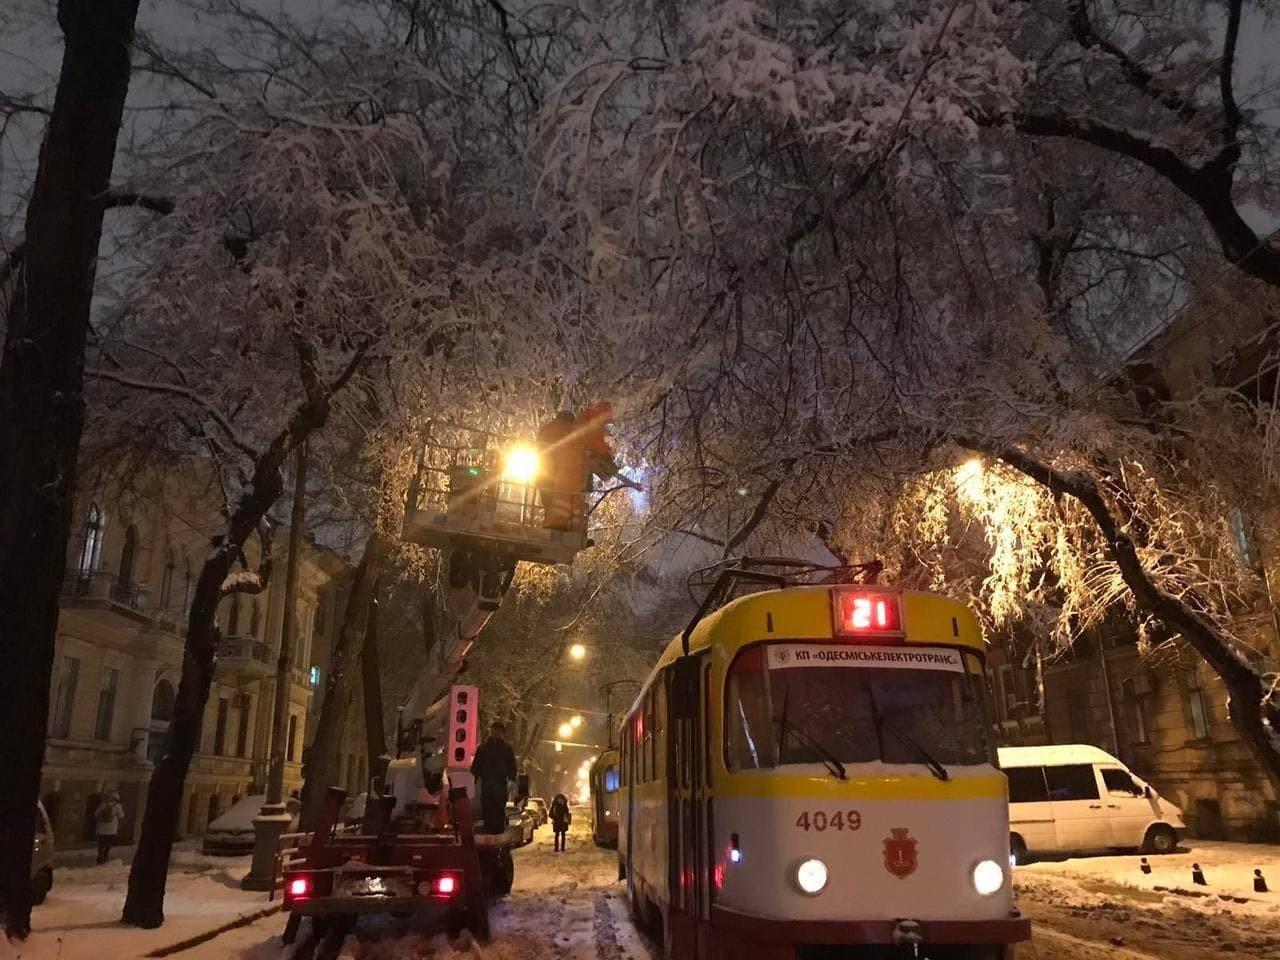 В Одессе упало почти 500 деревьев и крупных веток, - ФОТО, фото-1